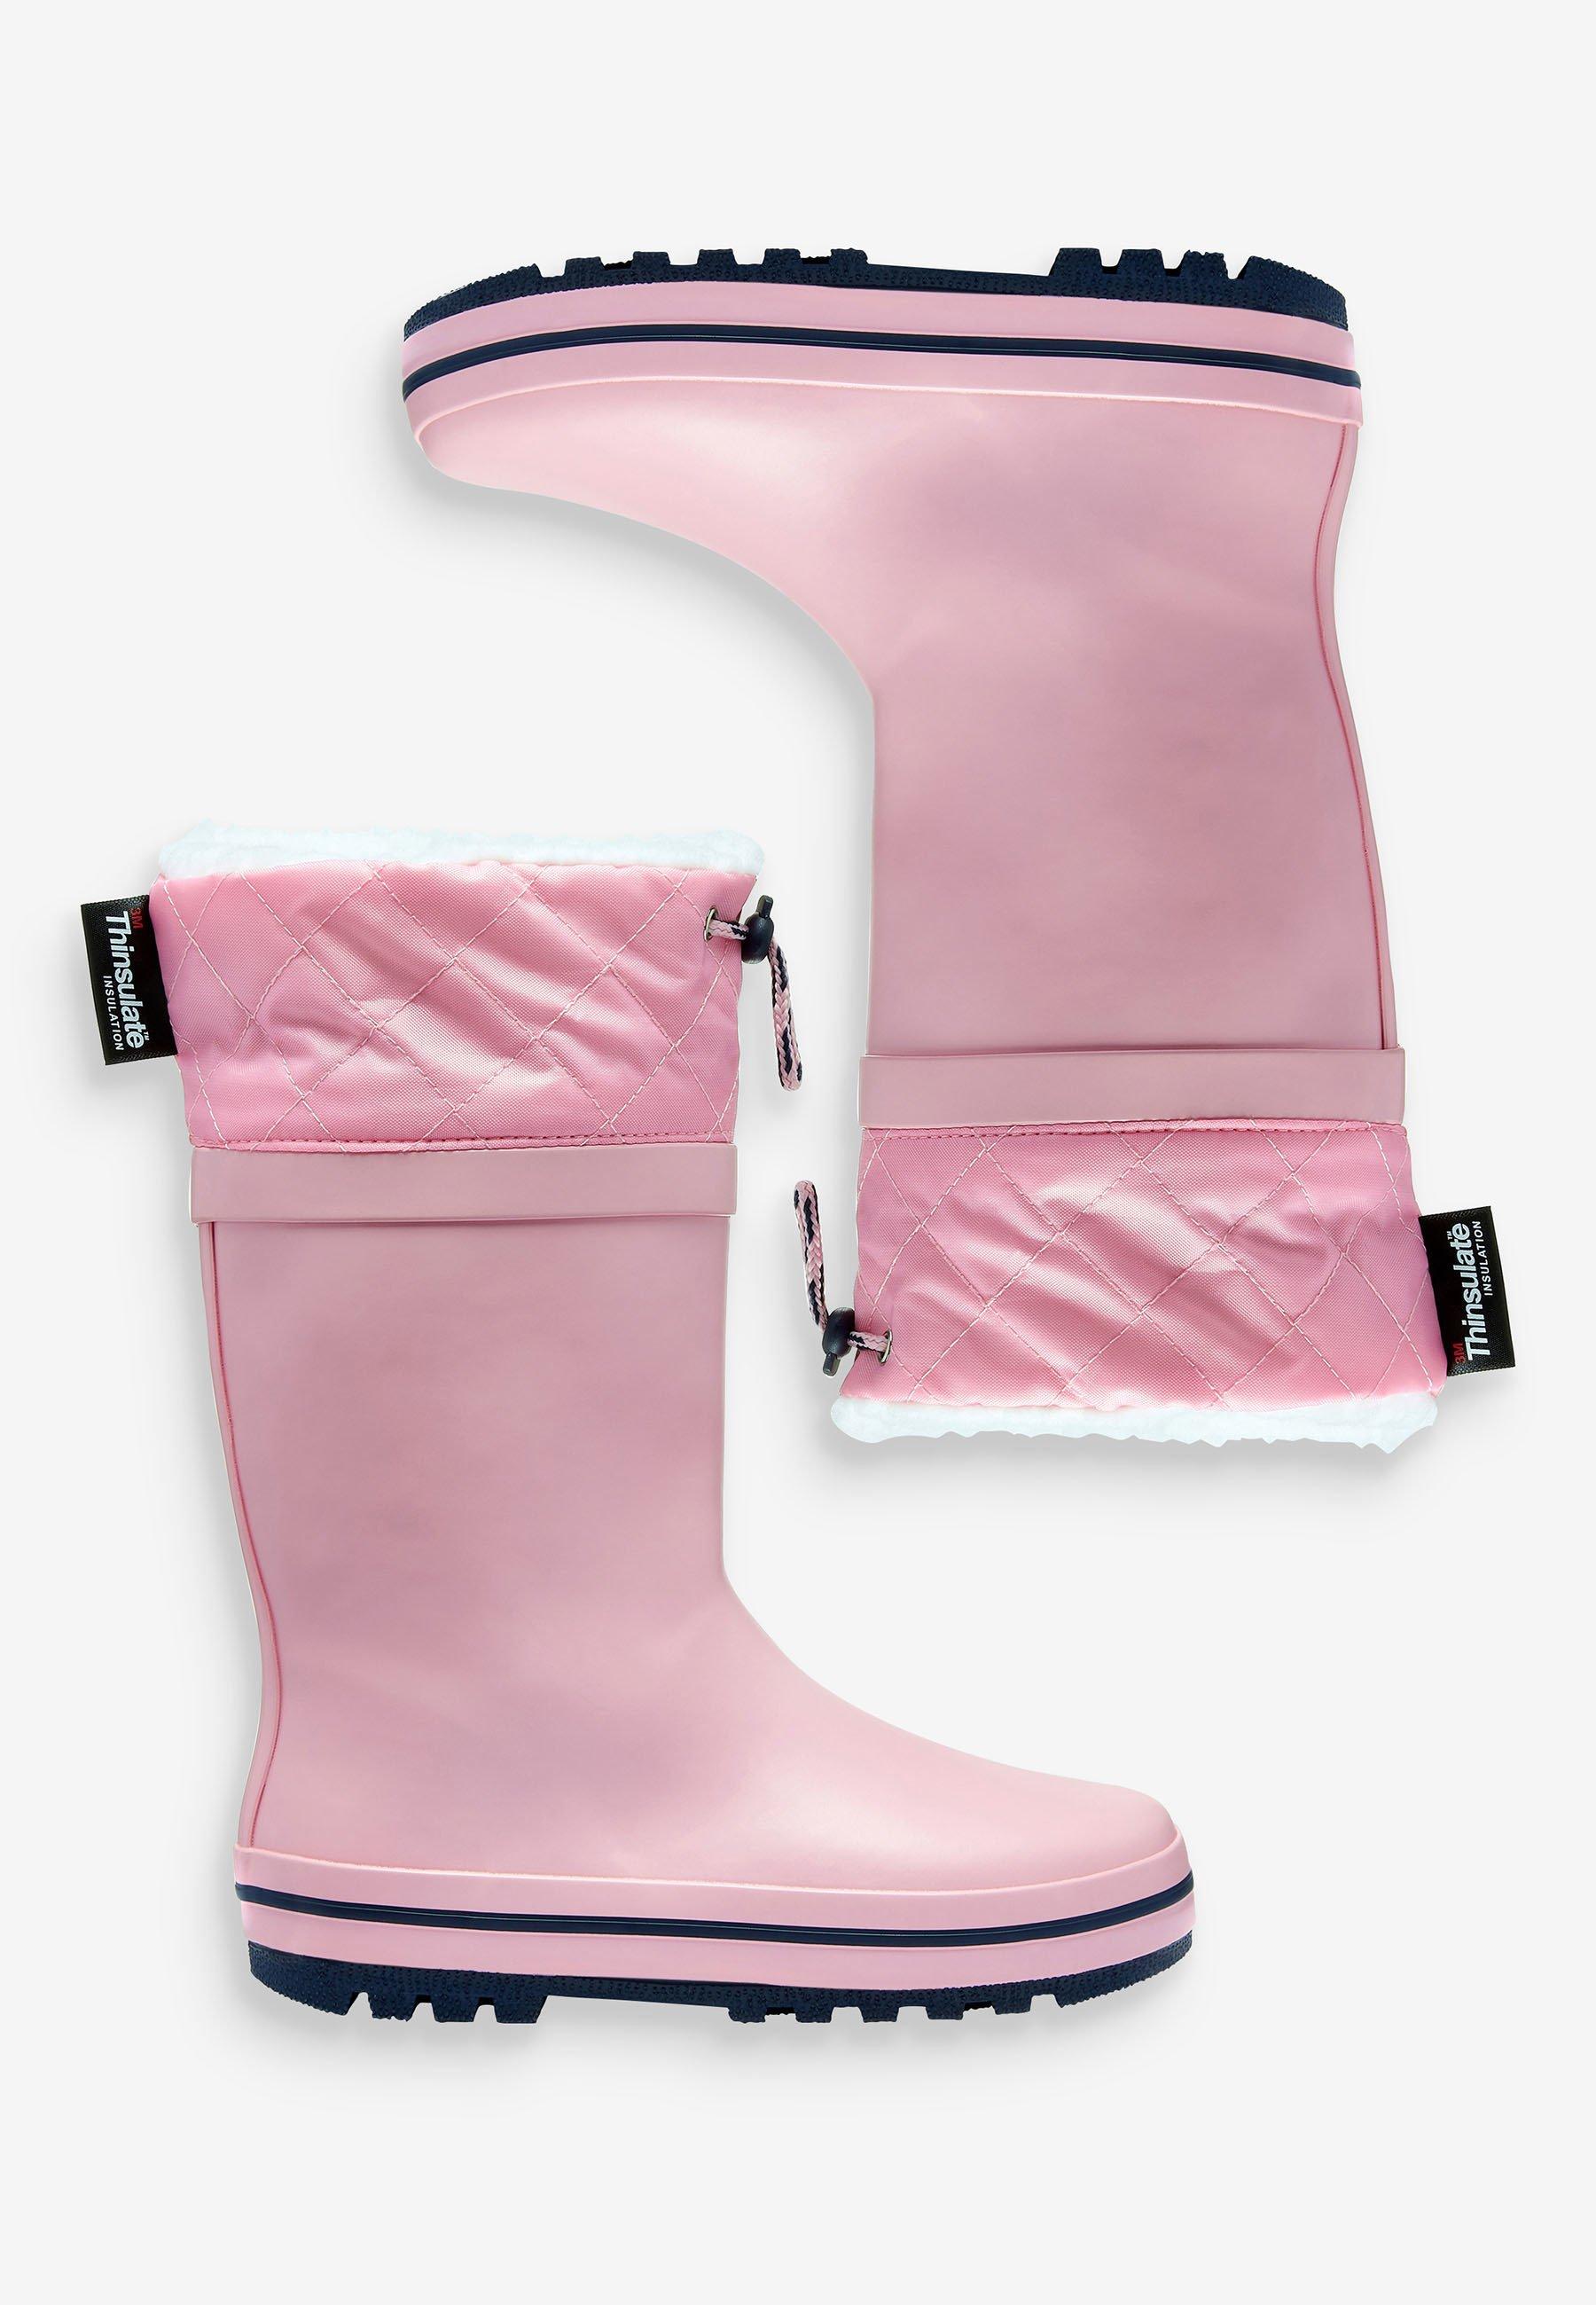 Next Regenlaarzen pinkdonkerroze Zalando.nl